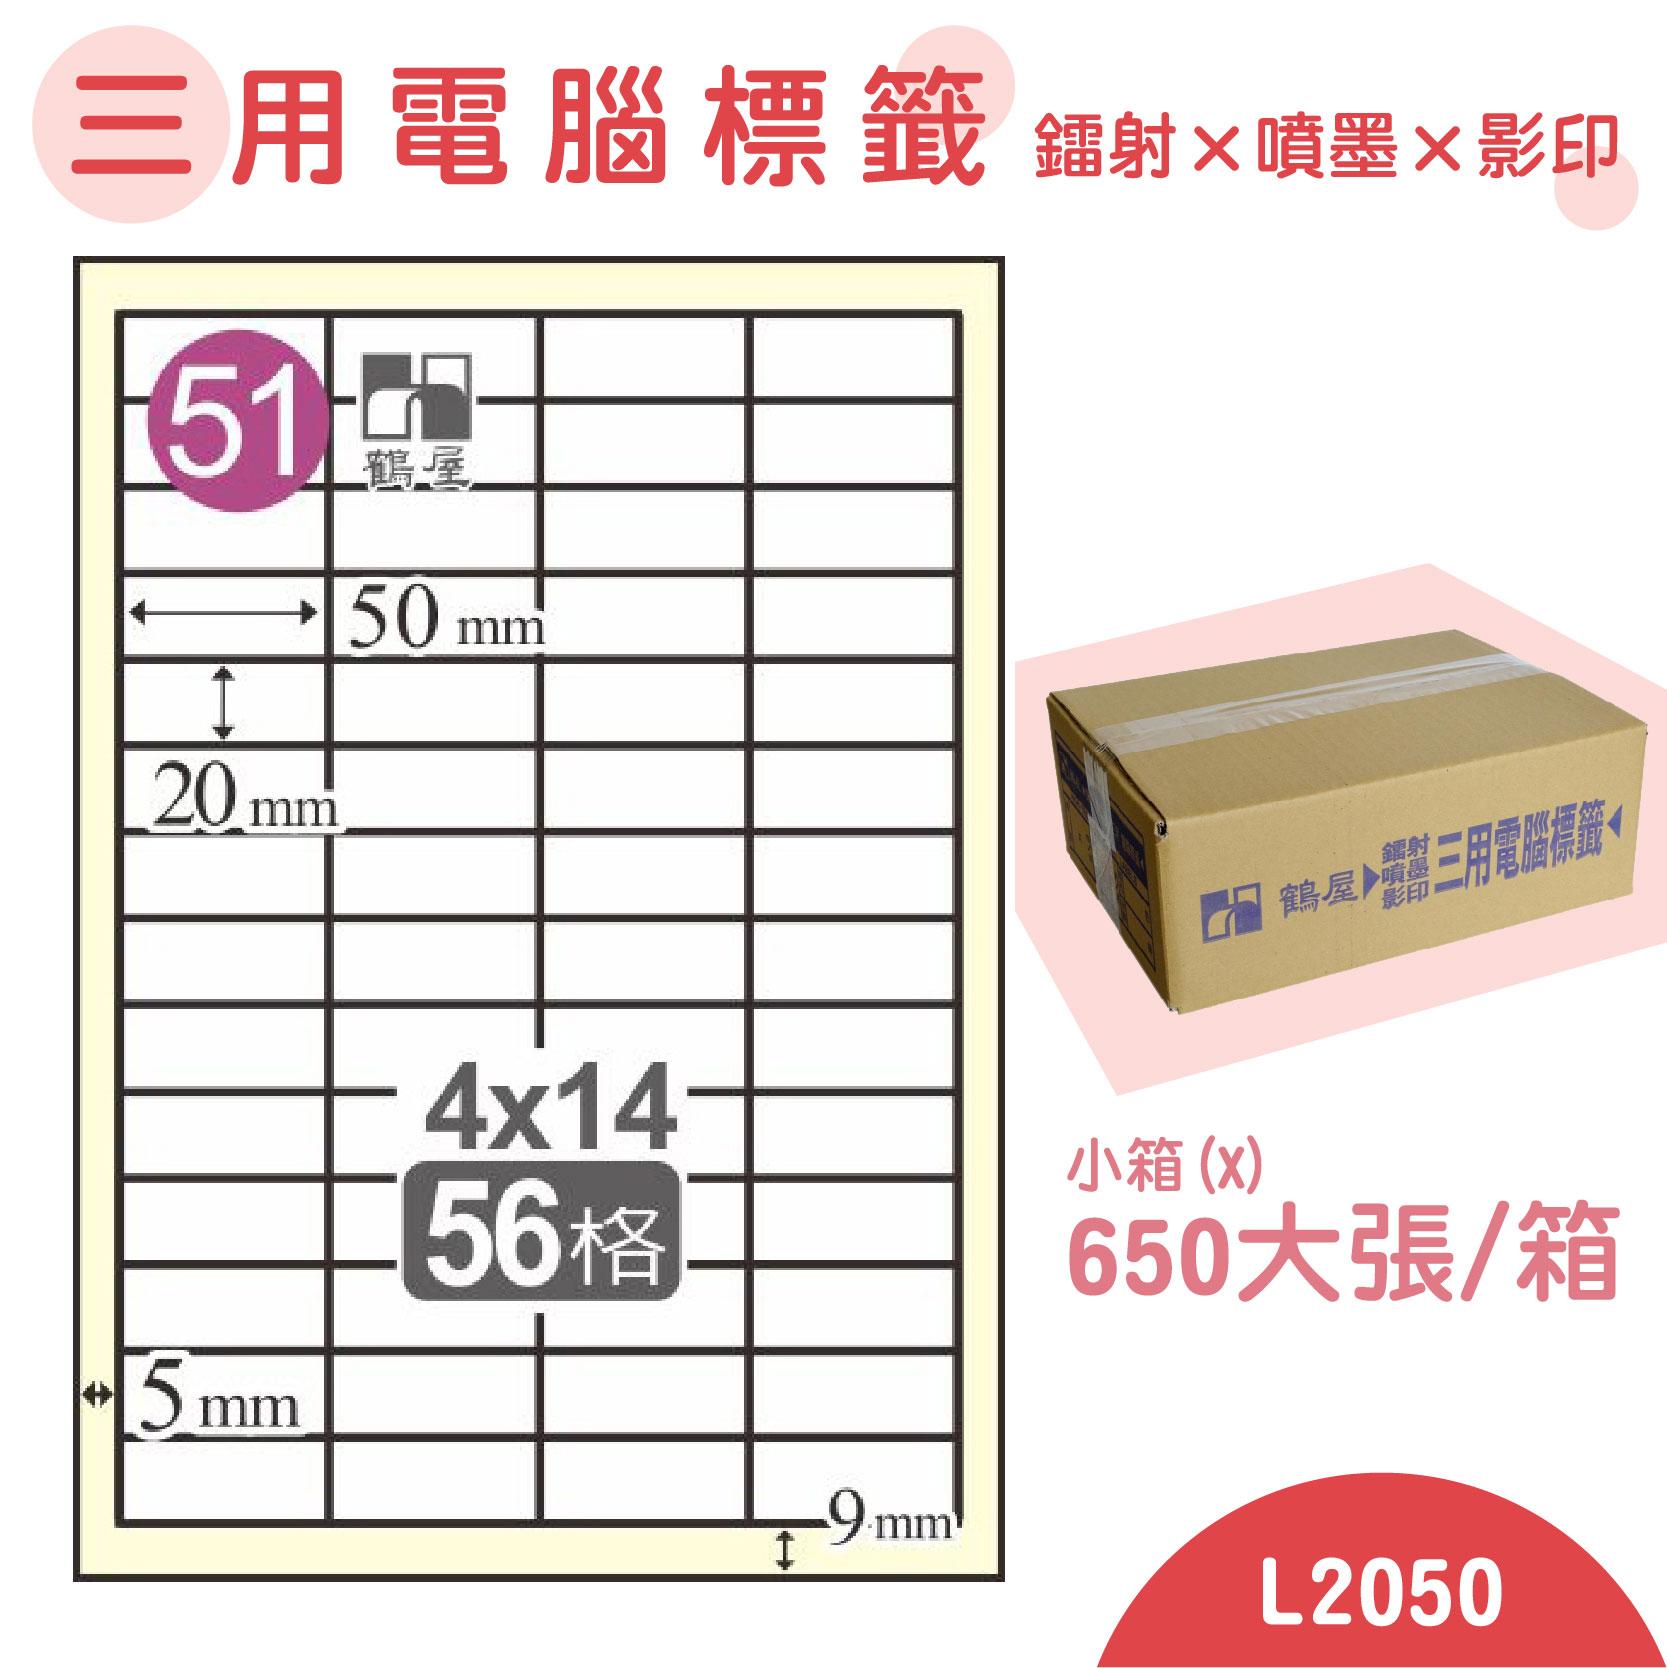 電腦標籤紙(鶴屋) 白色 L2050 56格 650大張/小箱 影印 雷射 噴墨 三用 標籤 貼紙 信封 光碟 名條